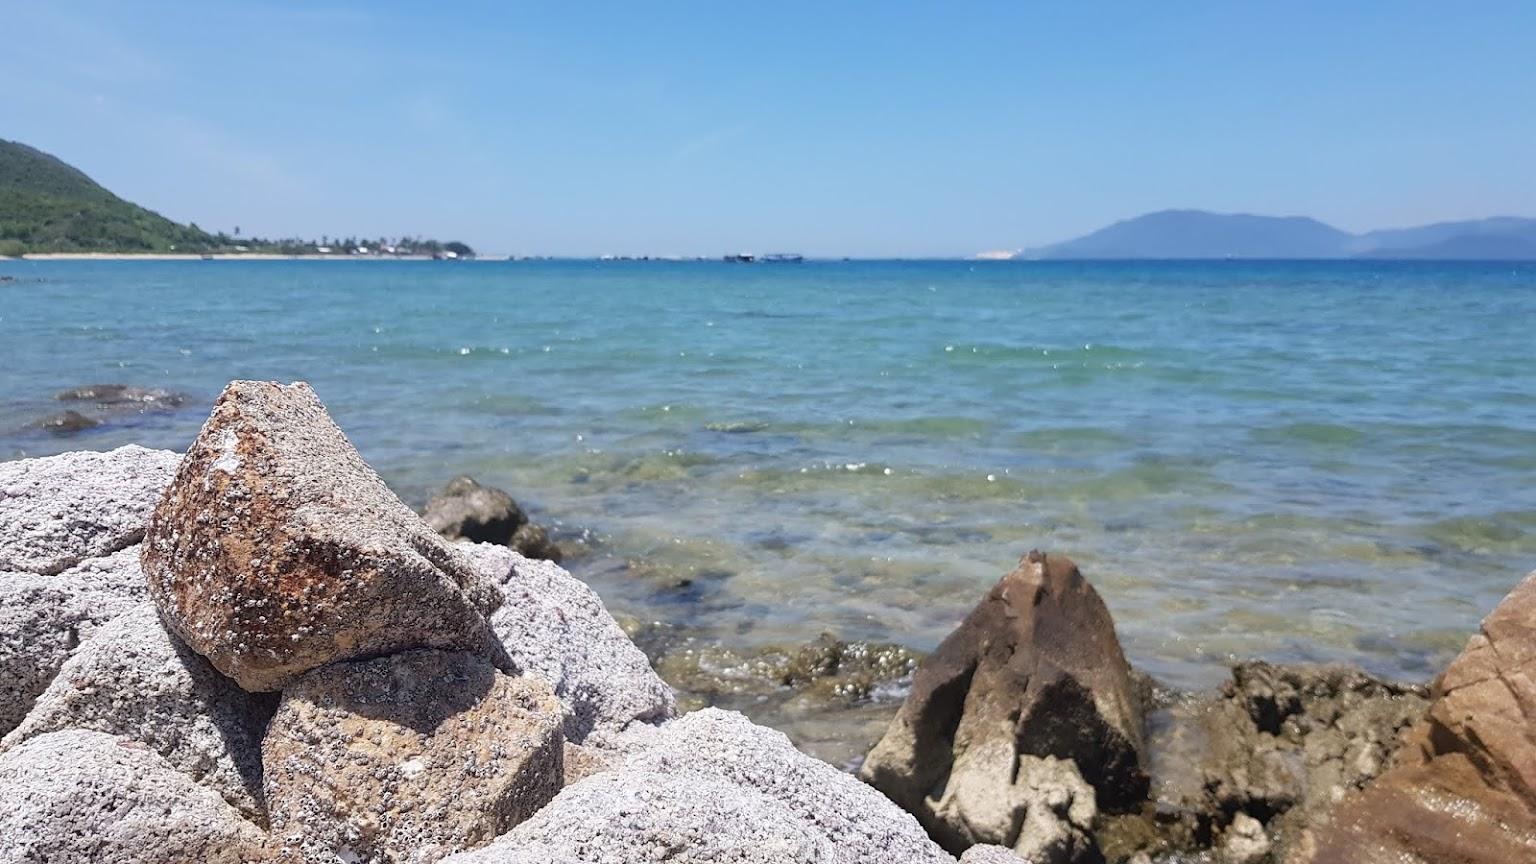 Hình ảnh đá trên đảo Điệp Sơn